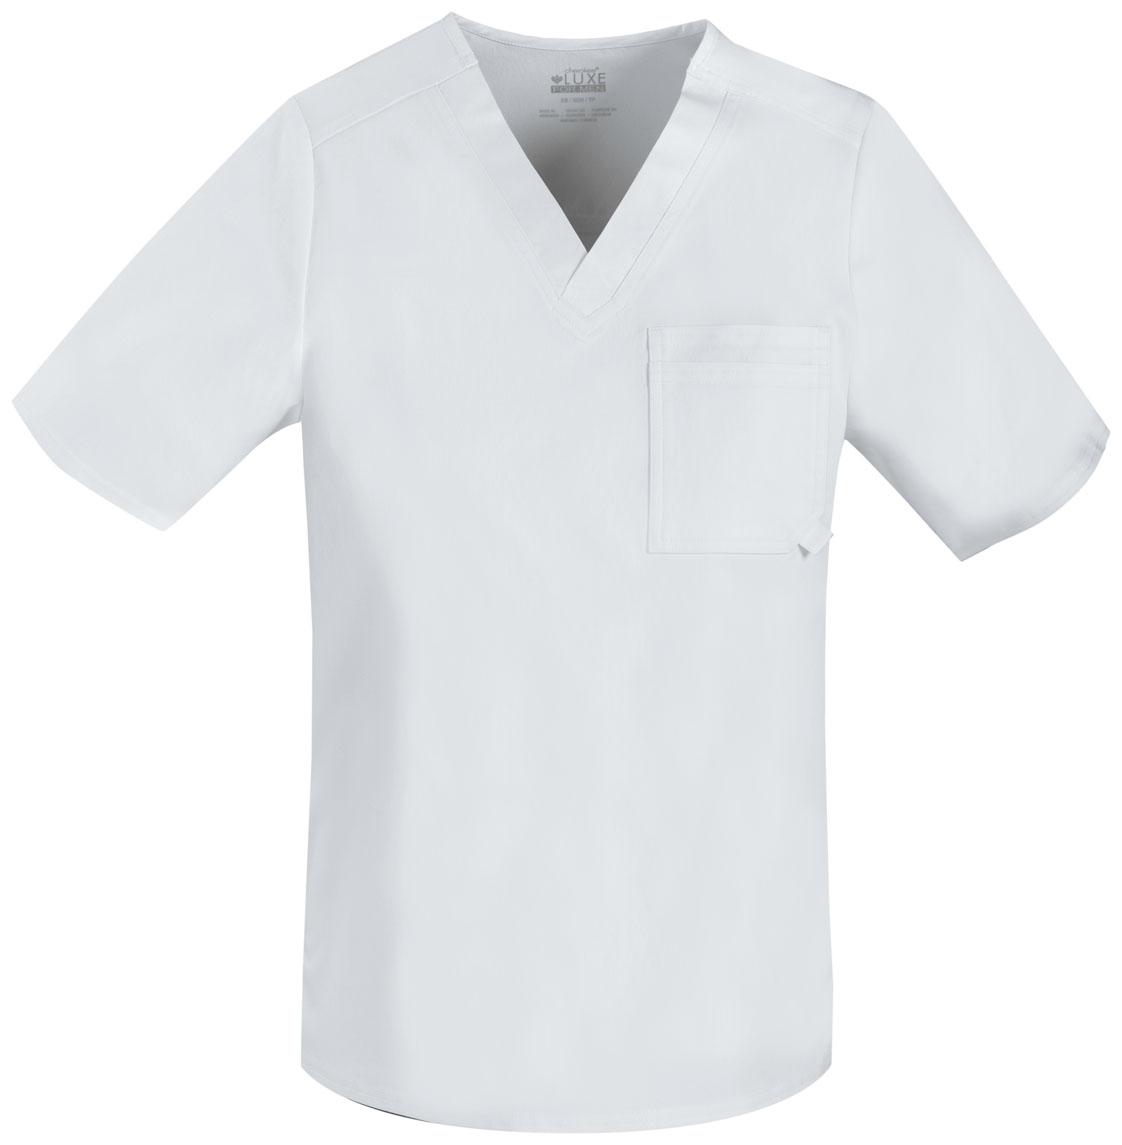 25e10654e6f Luxe Men's V-Neck Top in White 1929-WHTV from Cherokee Scrubs at ...